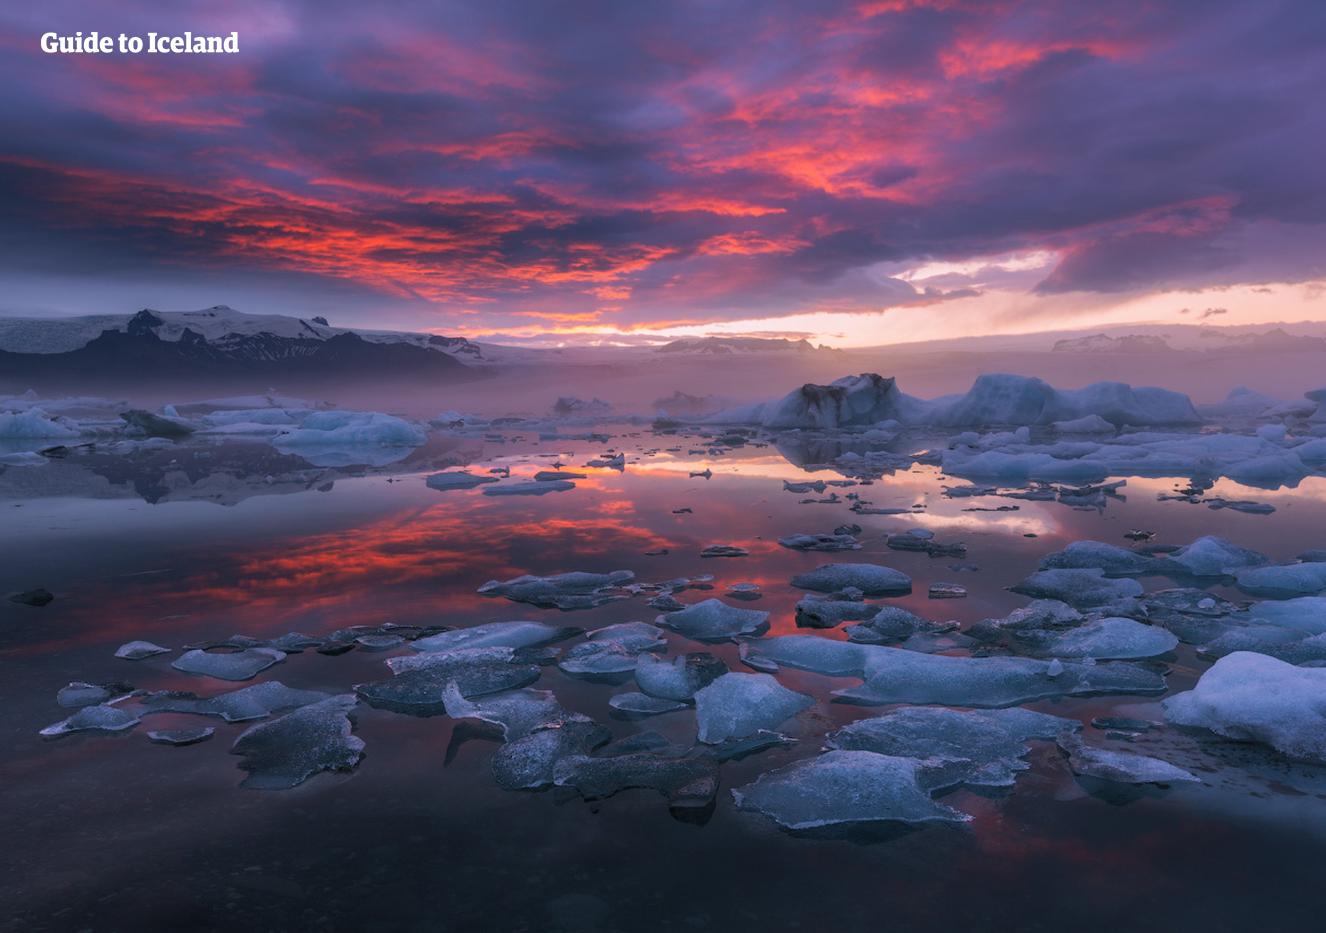 De Jökulsárlón-gletsjerlagune is een van de mooiste natuurfenomenen van IJsland.